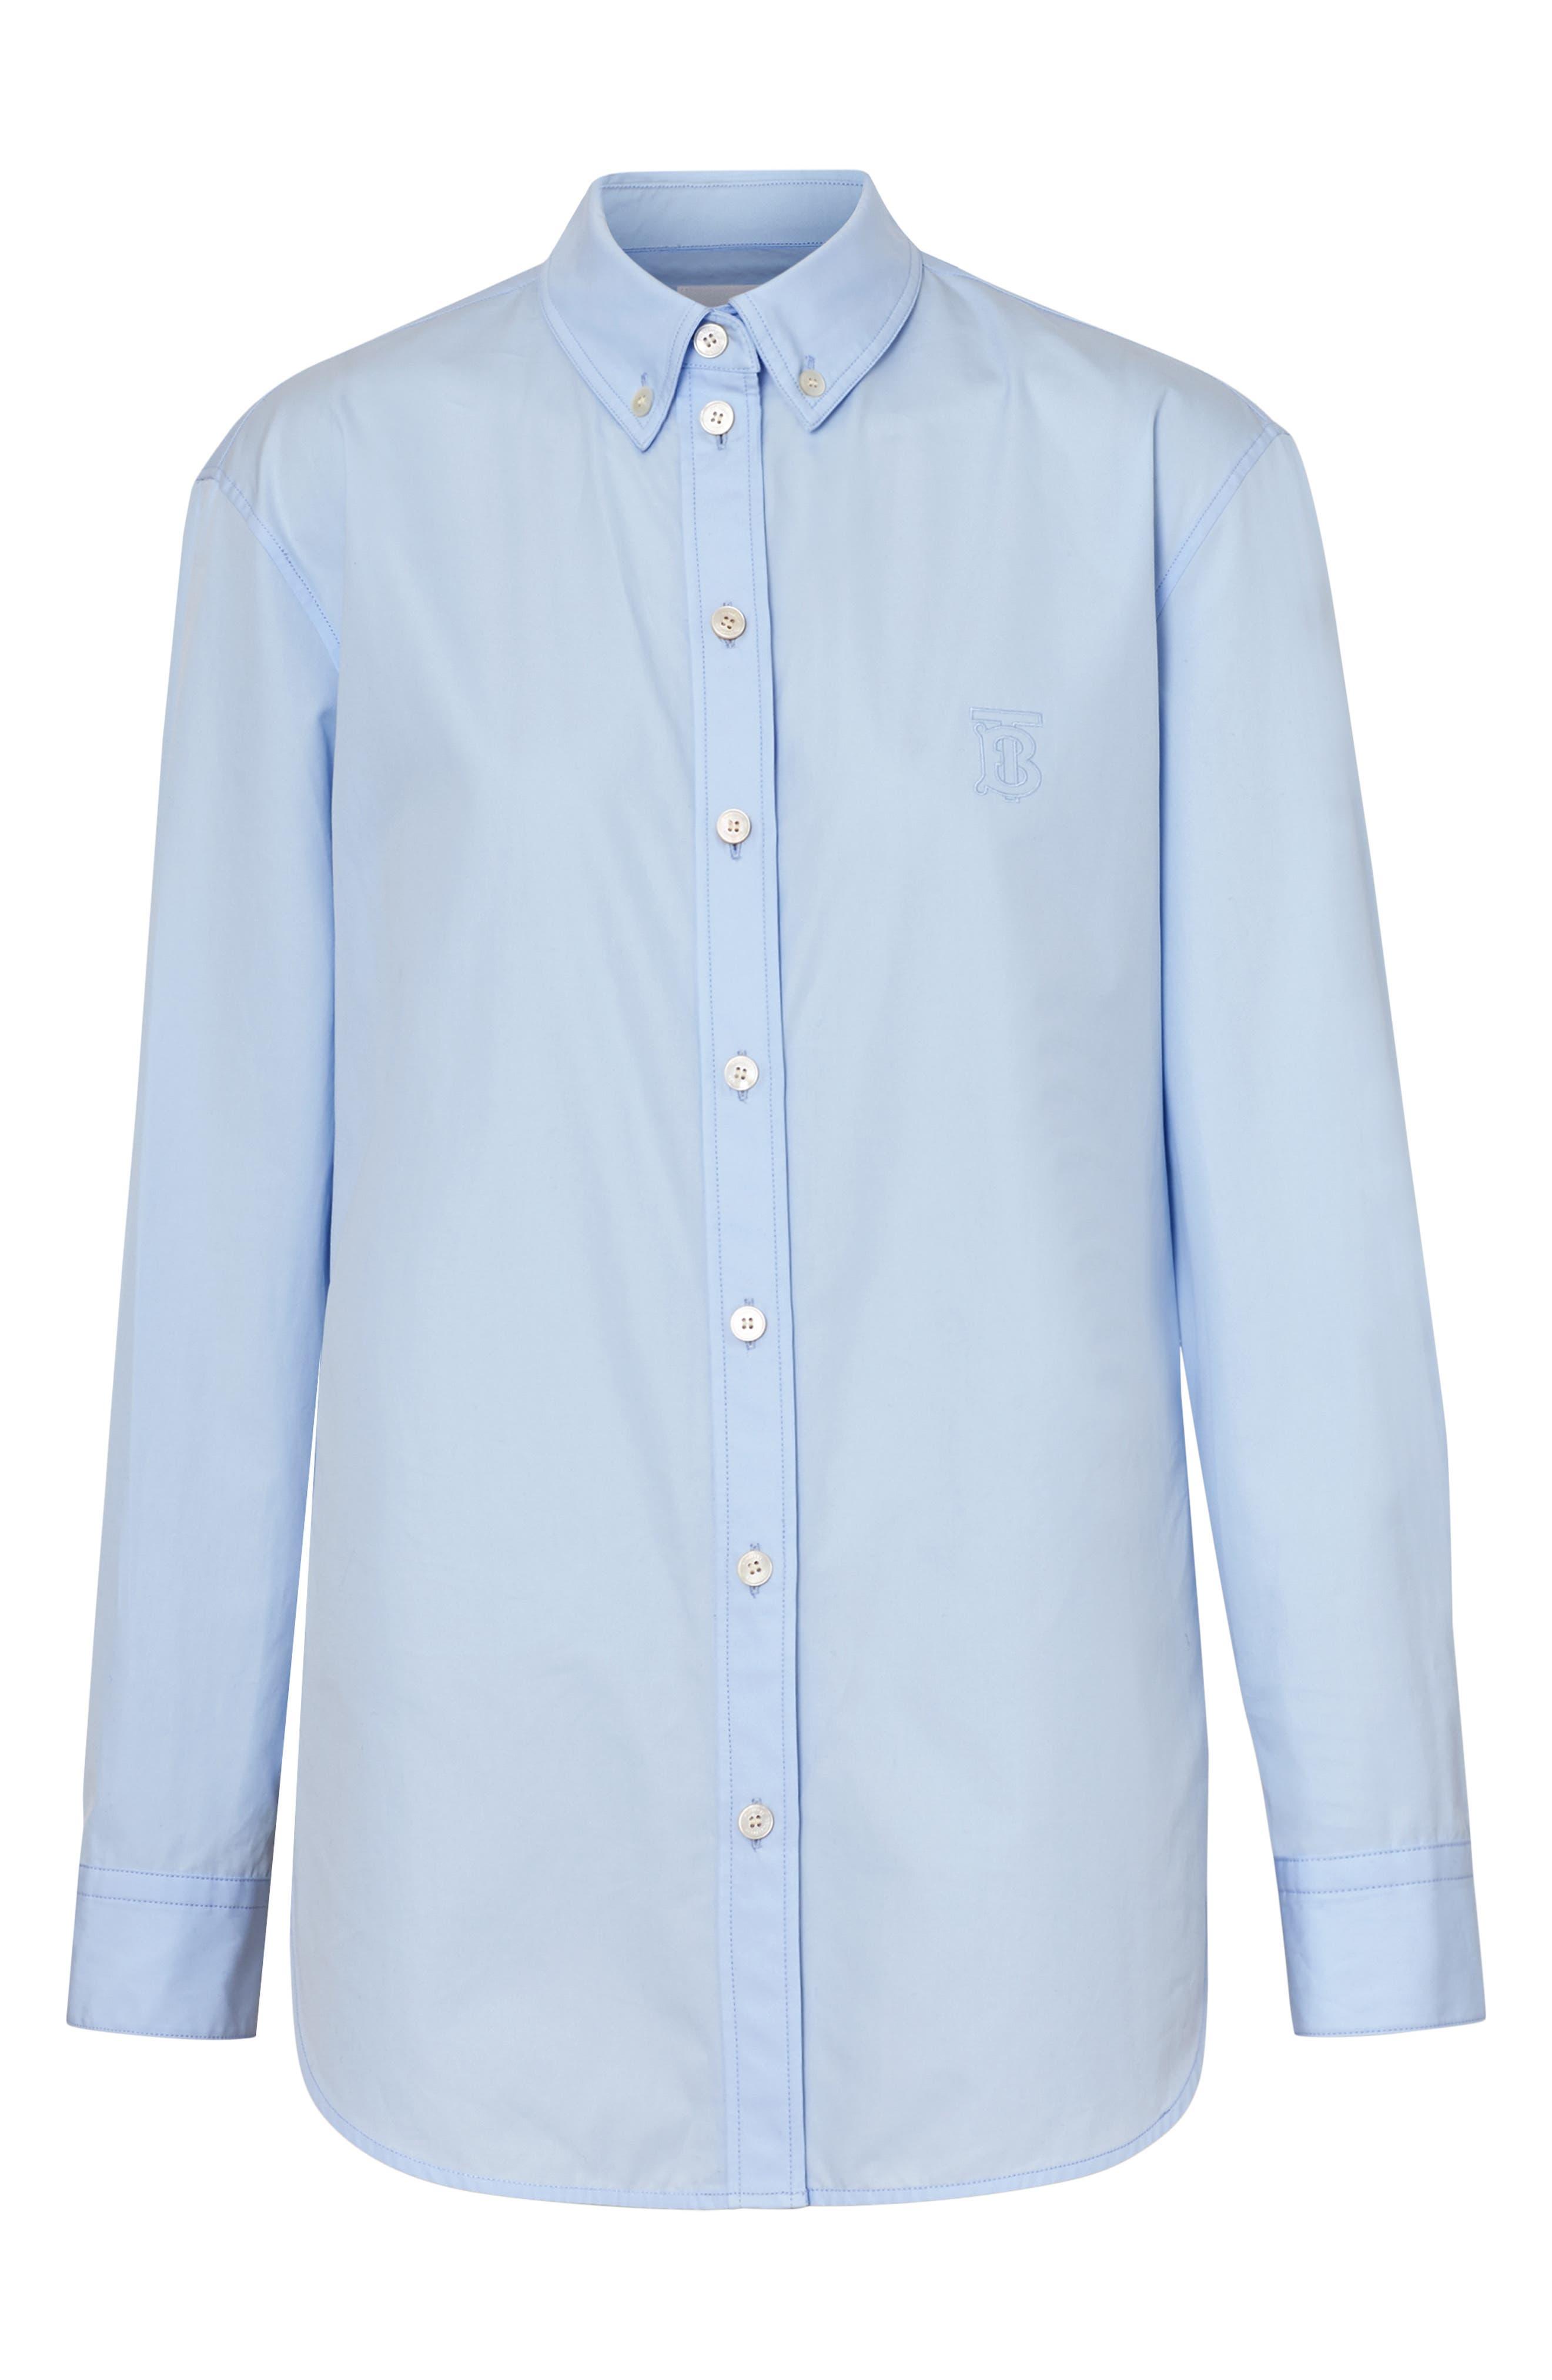 BURBERRY, Monogram Regular Fit Cotton Shirt, Alternate thumbnail 5, color, PALE BLUE